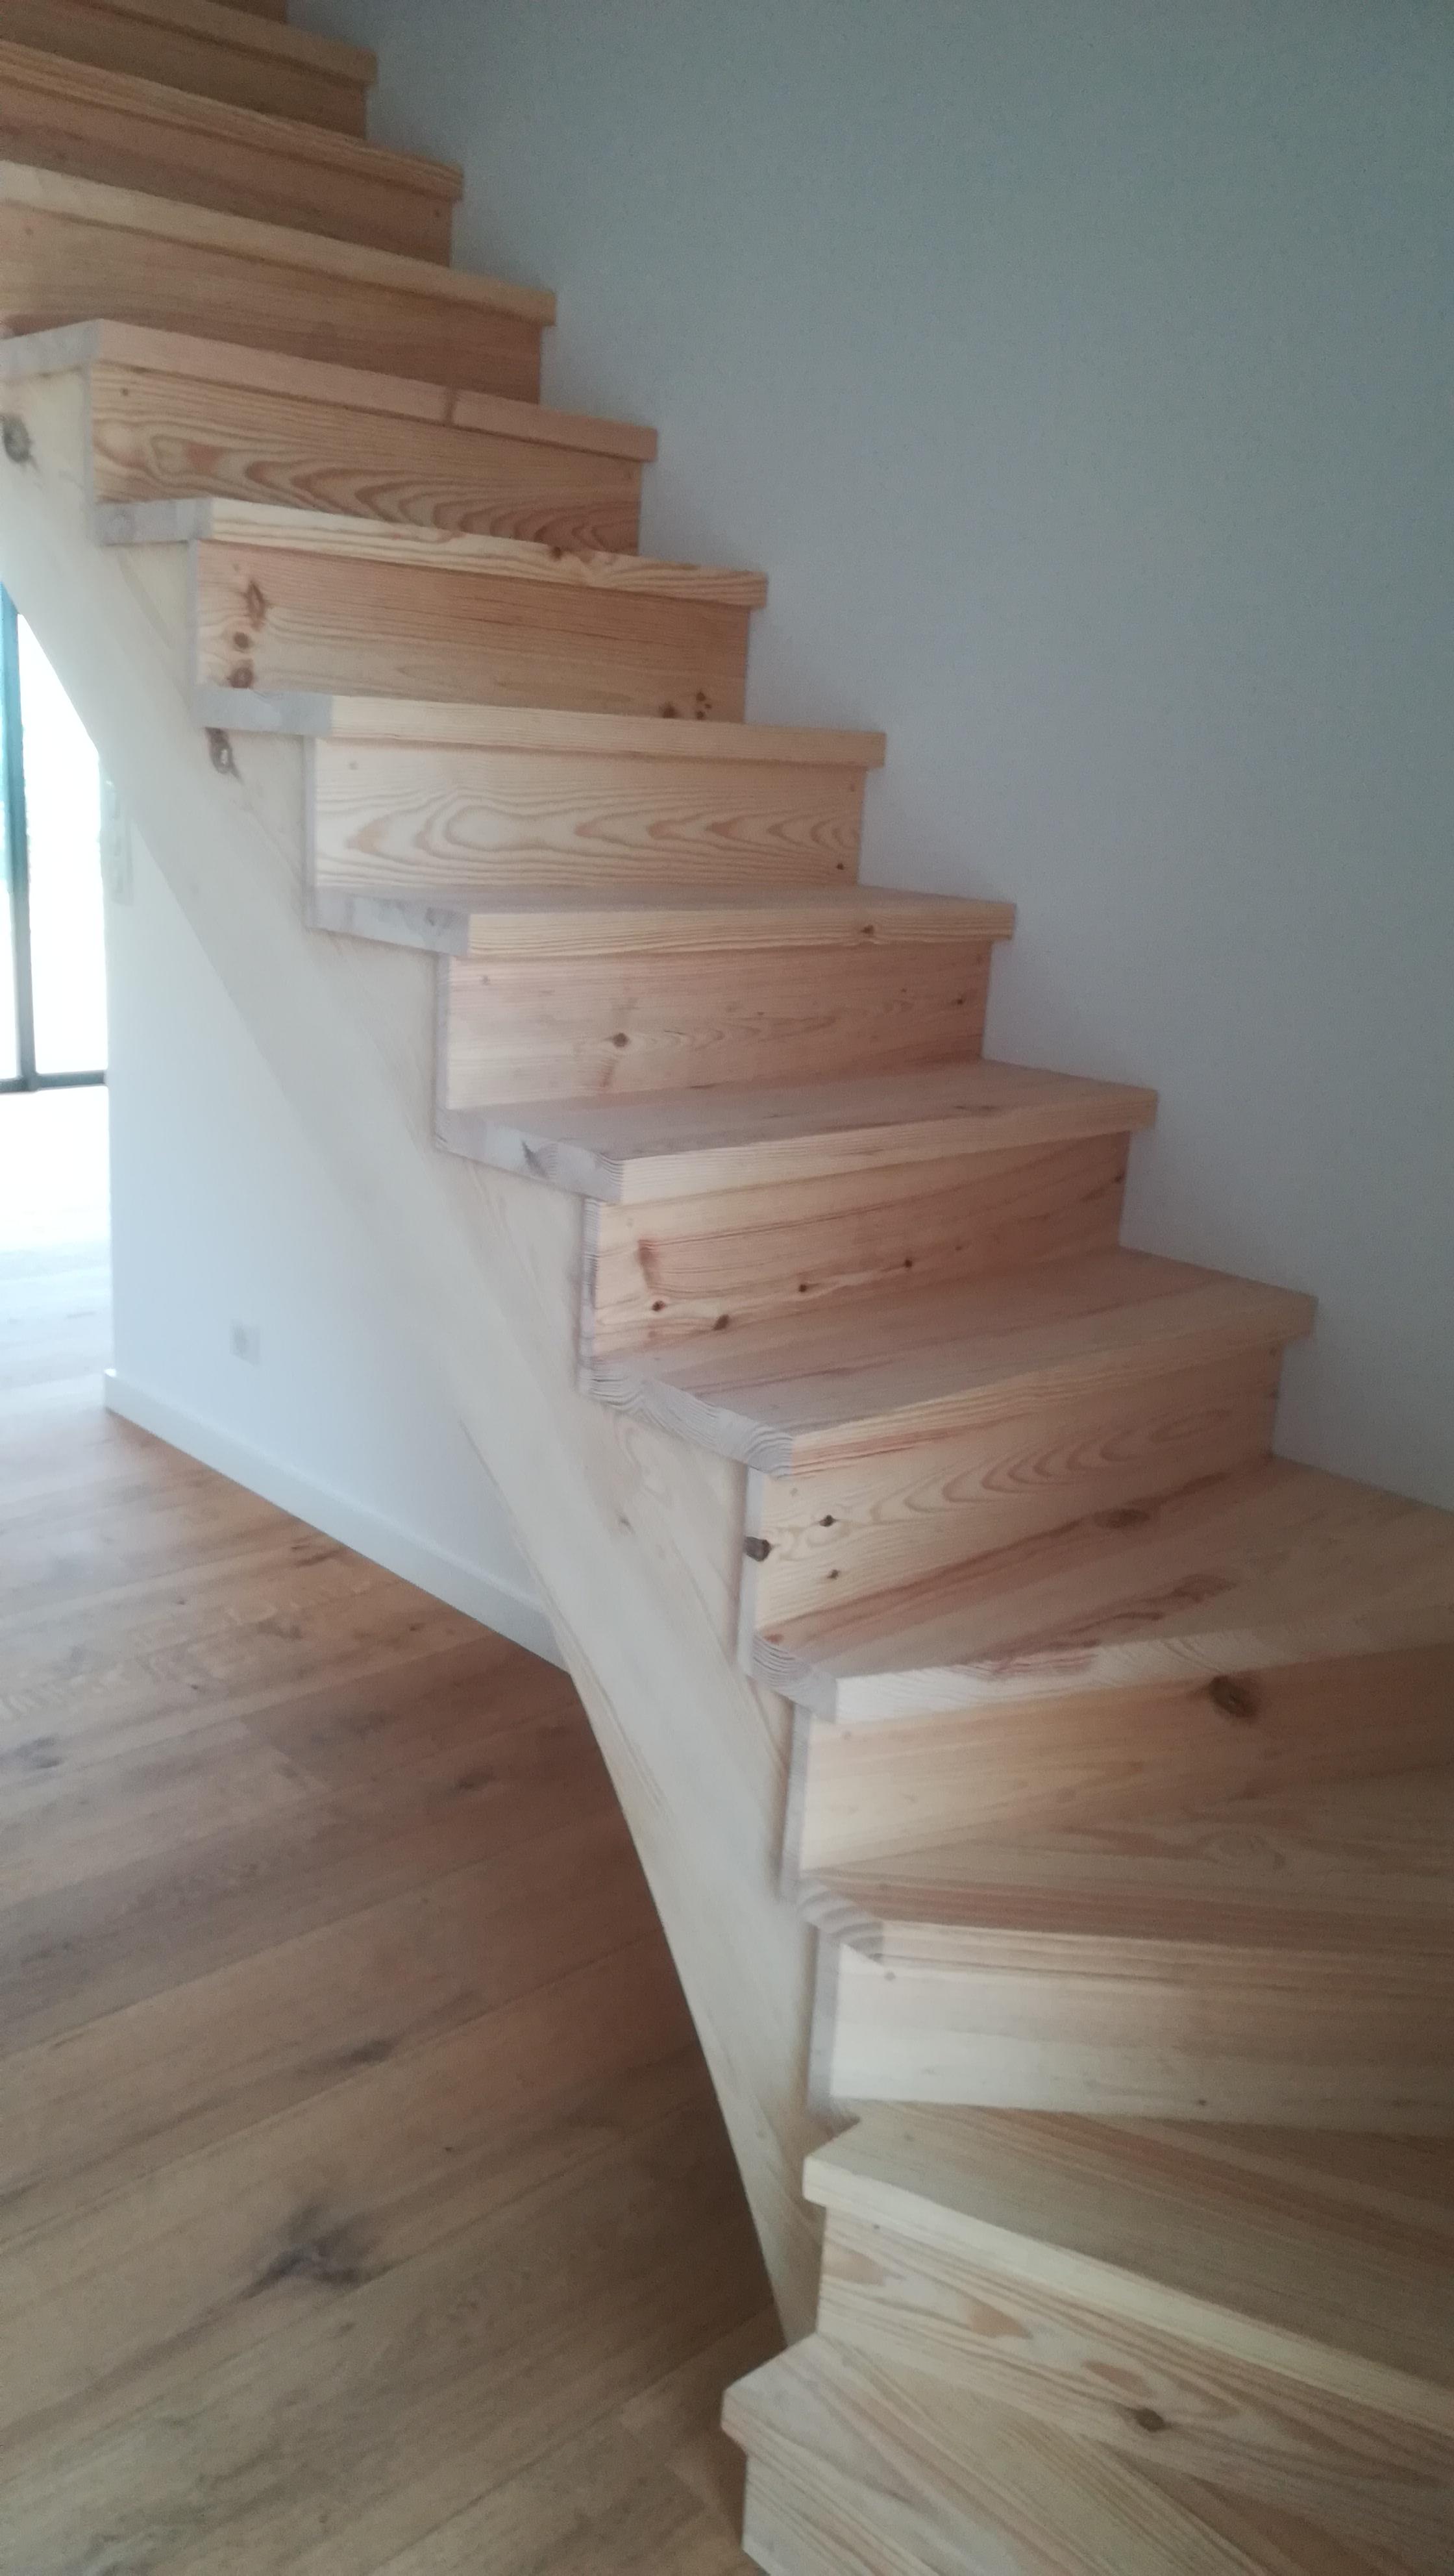 Escalier quart tournant en pin par Absolu bois